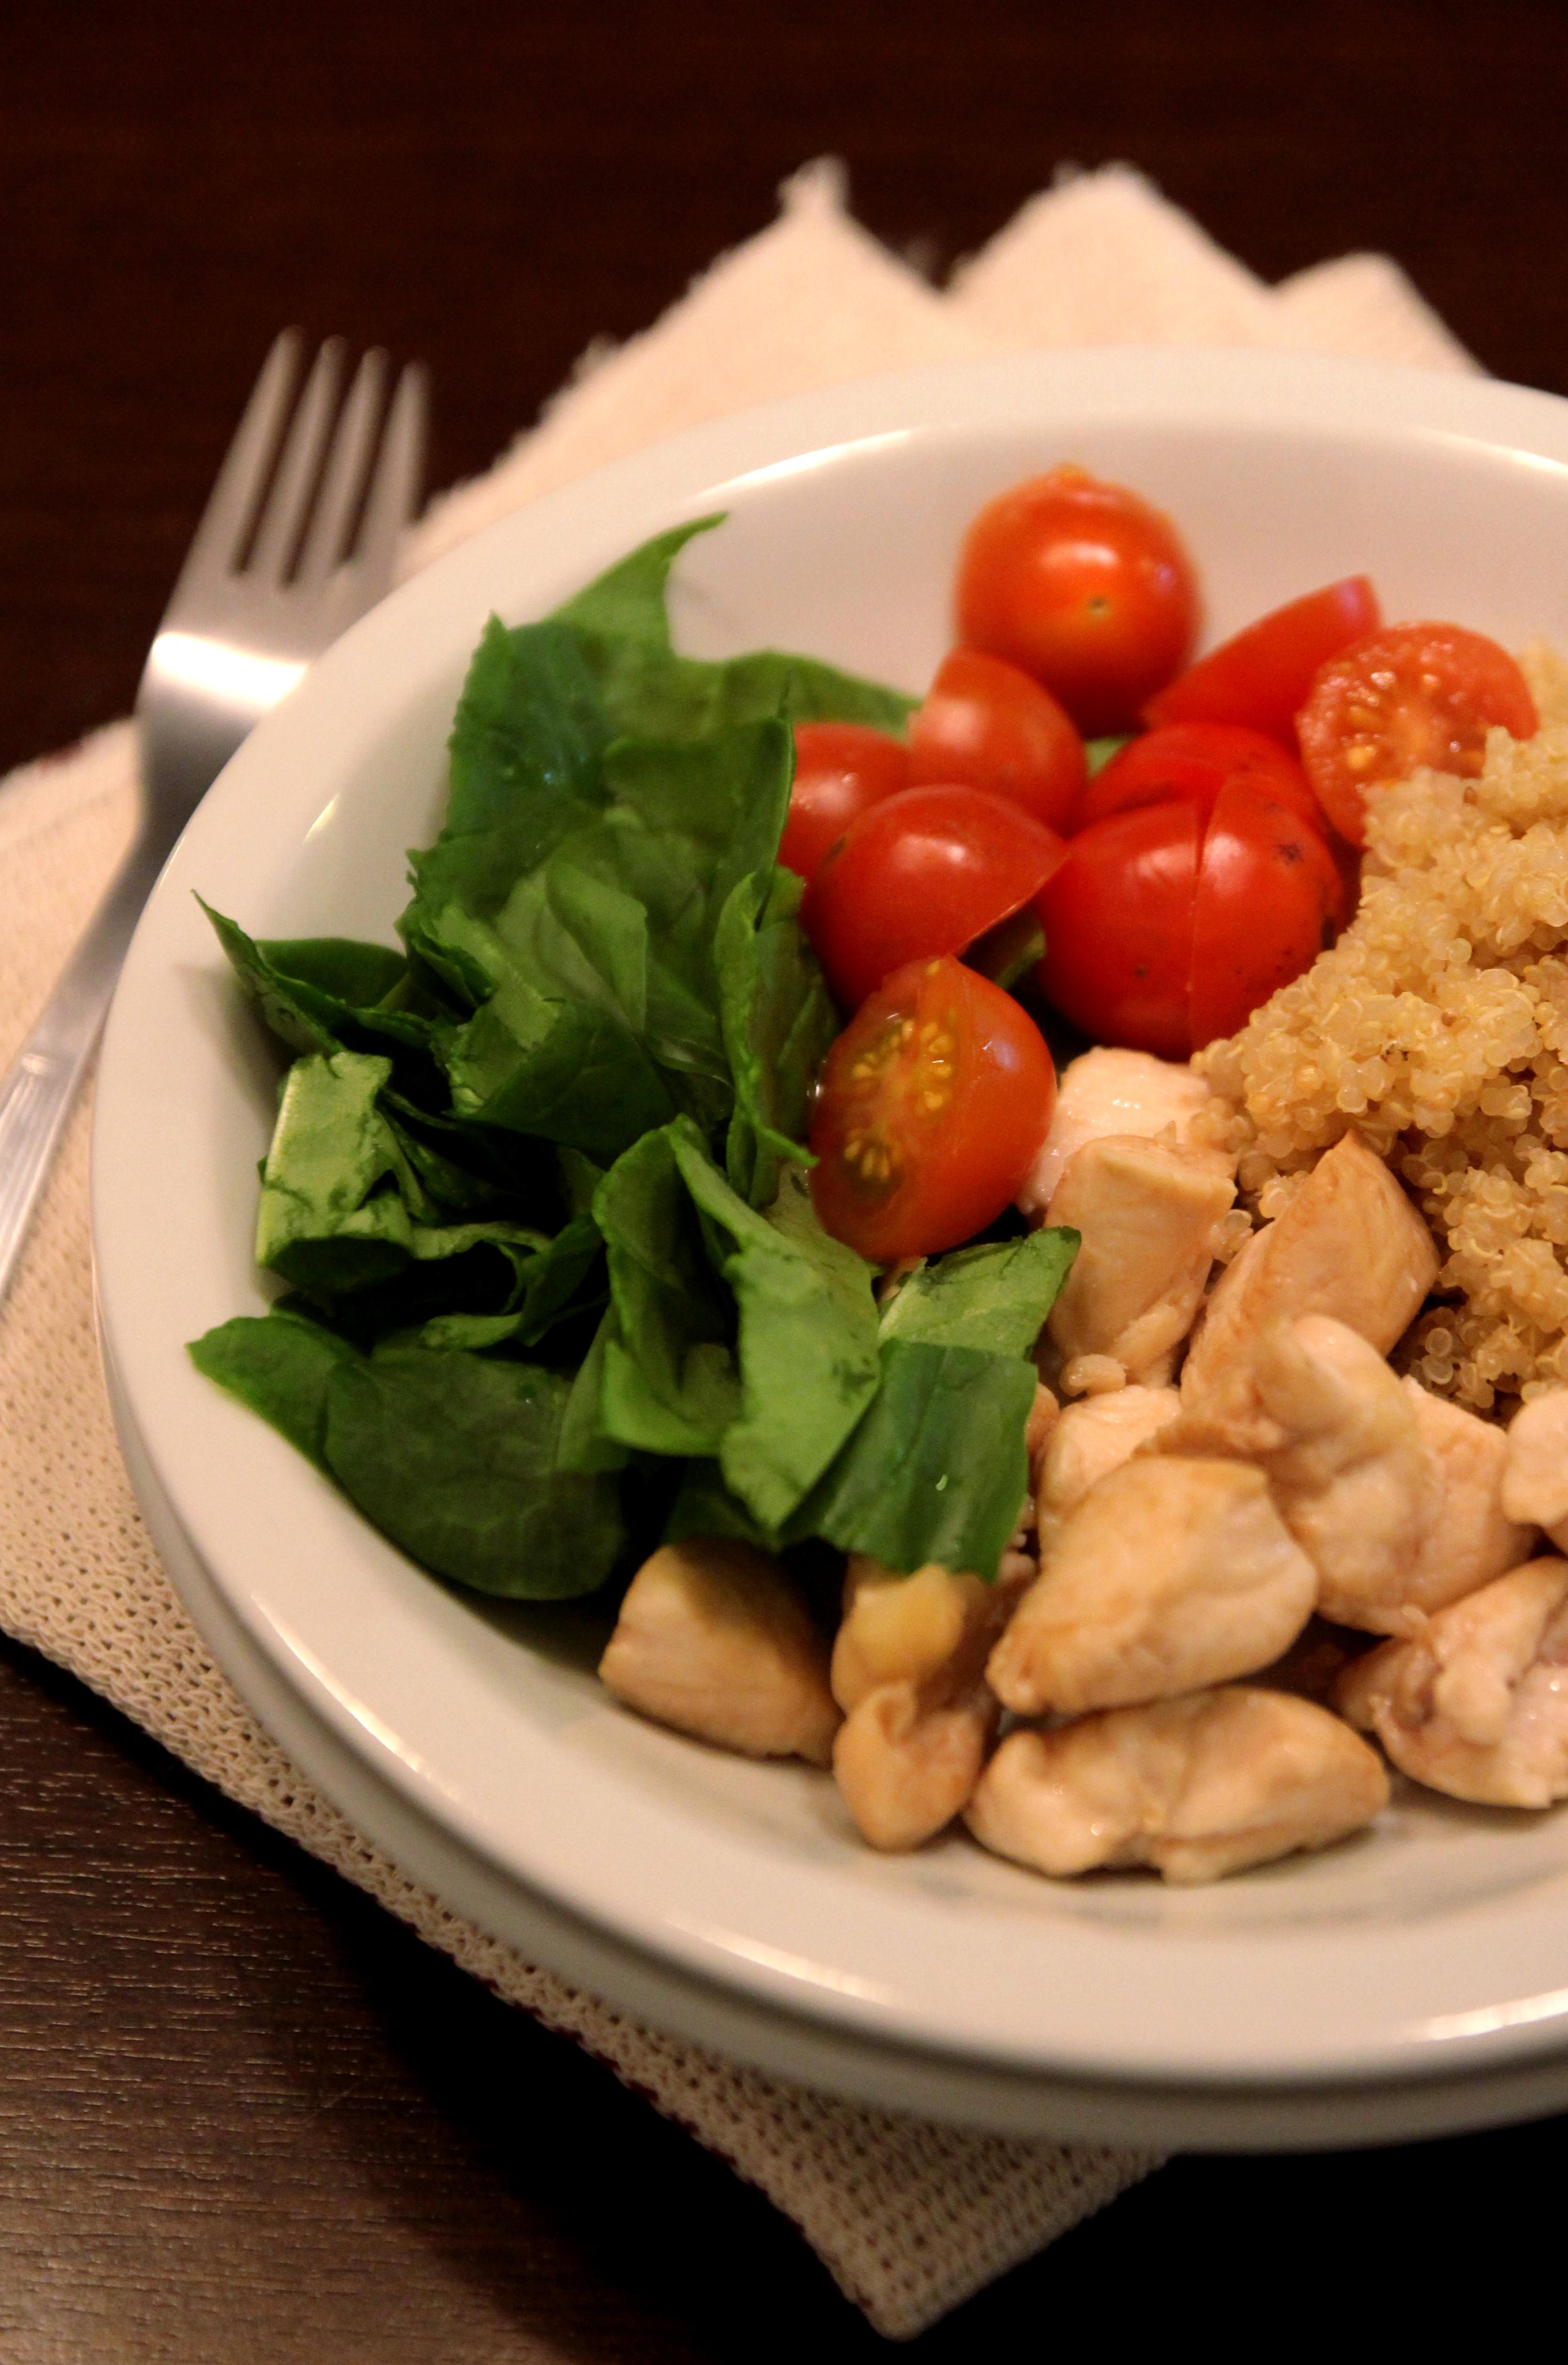 Chicken Quinoa Salad with Tomato & Spinach1